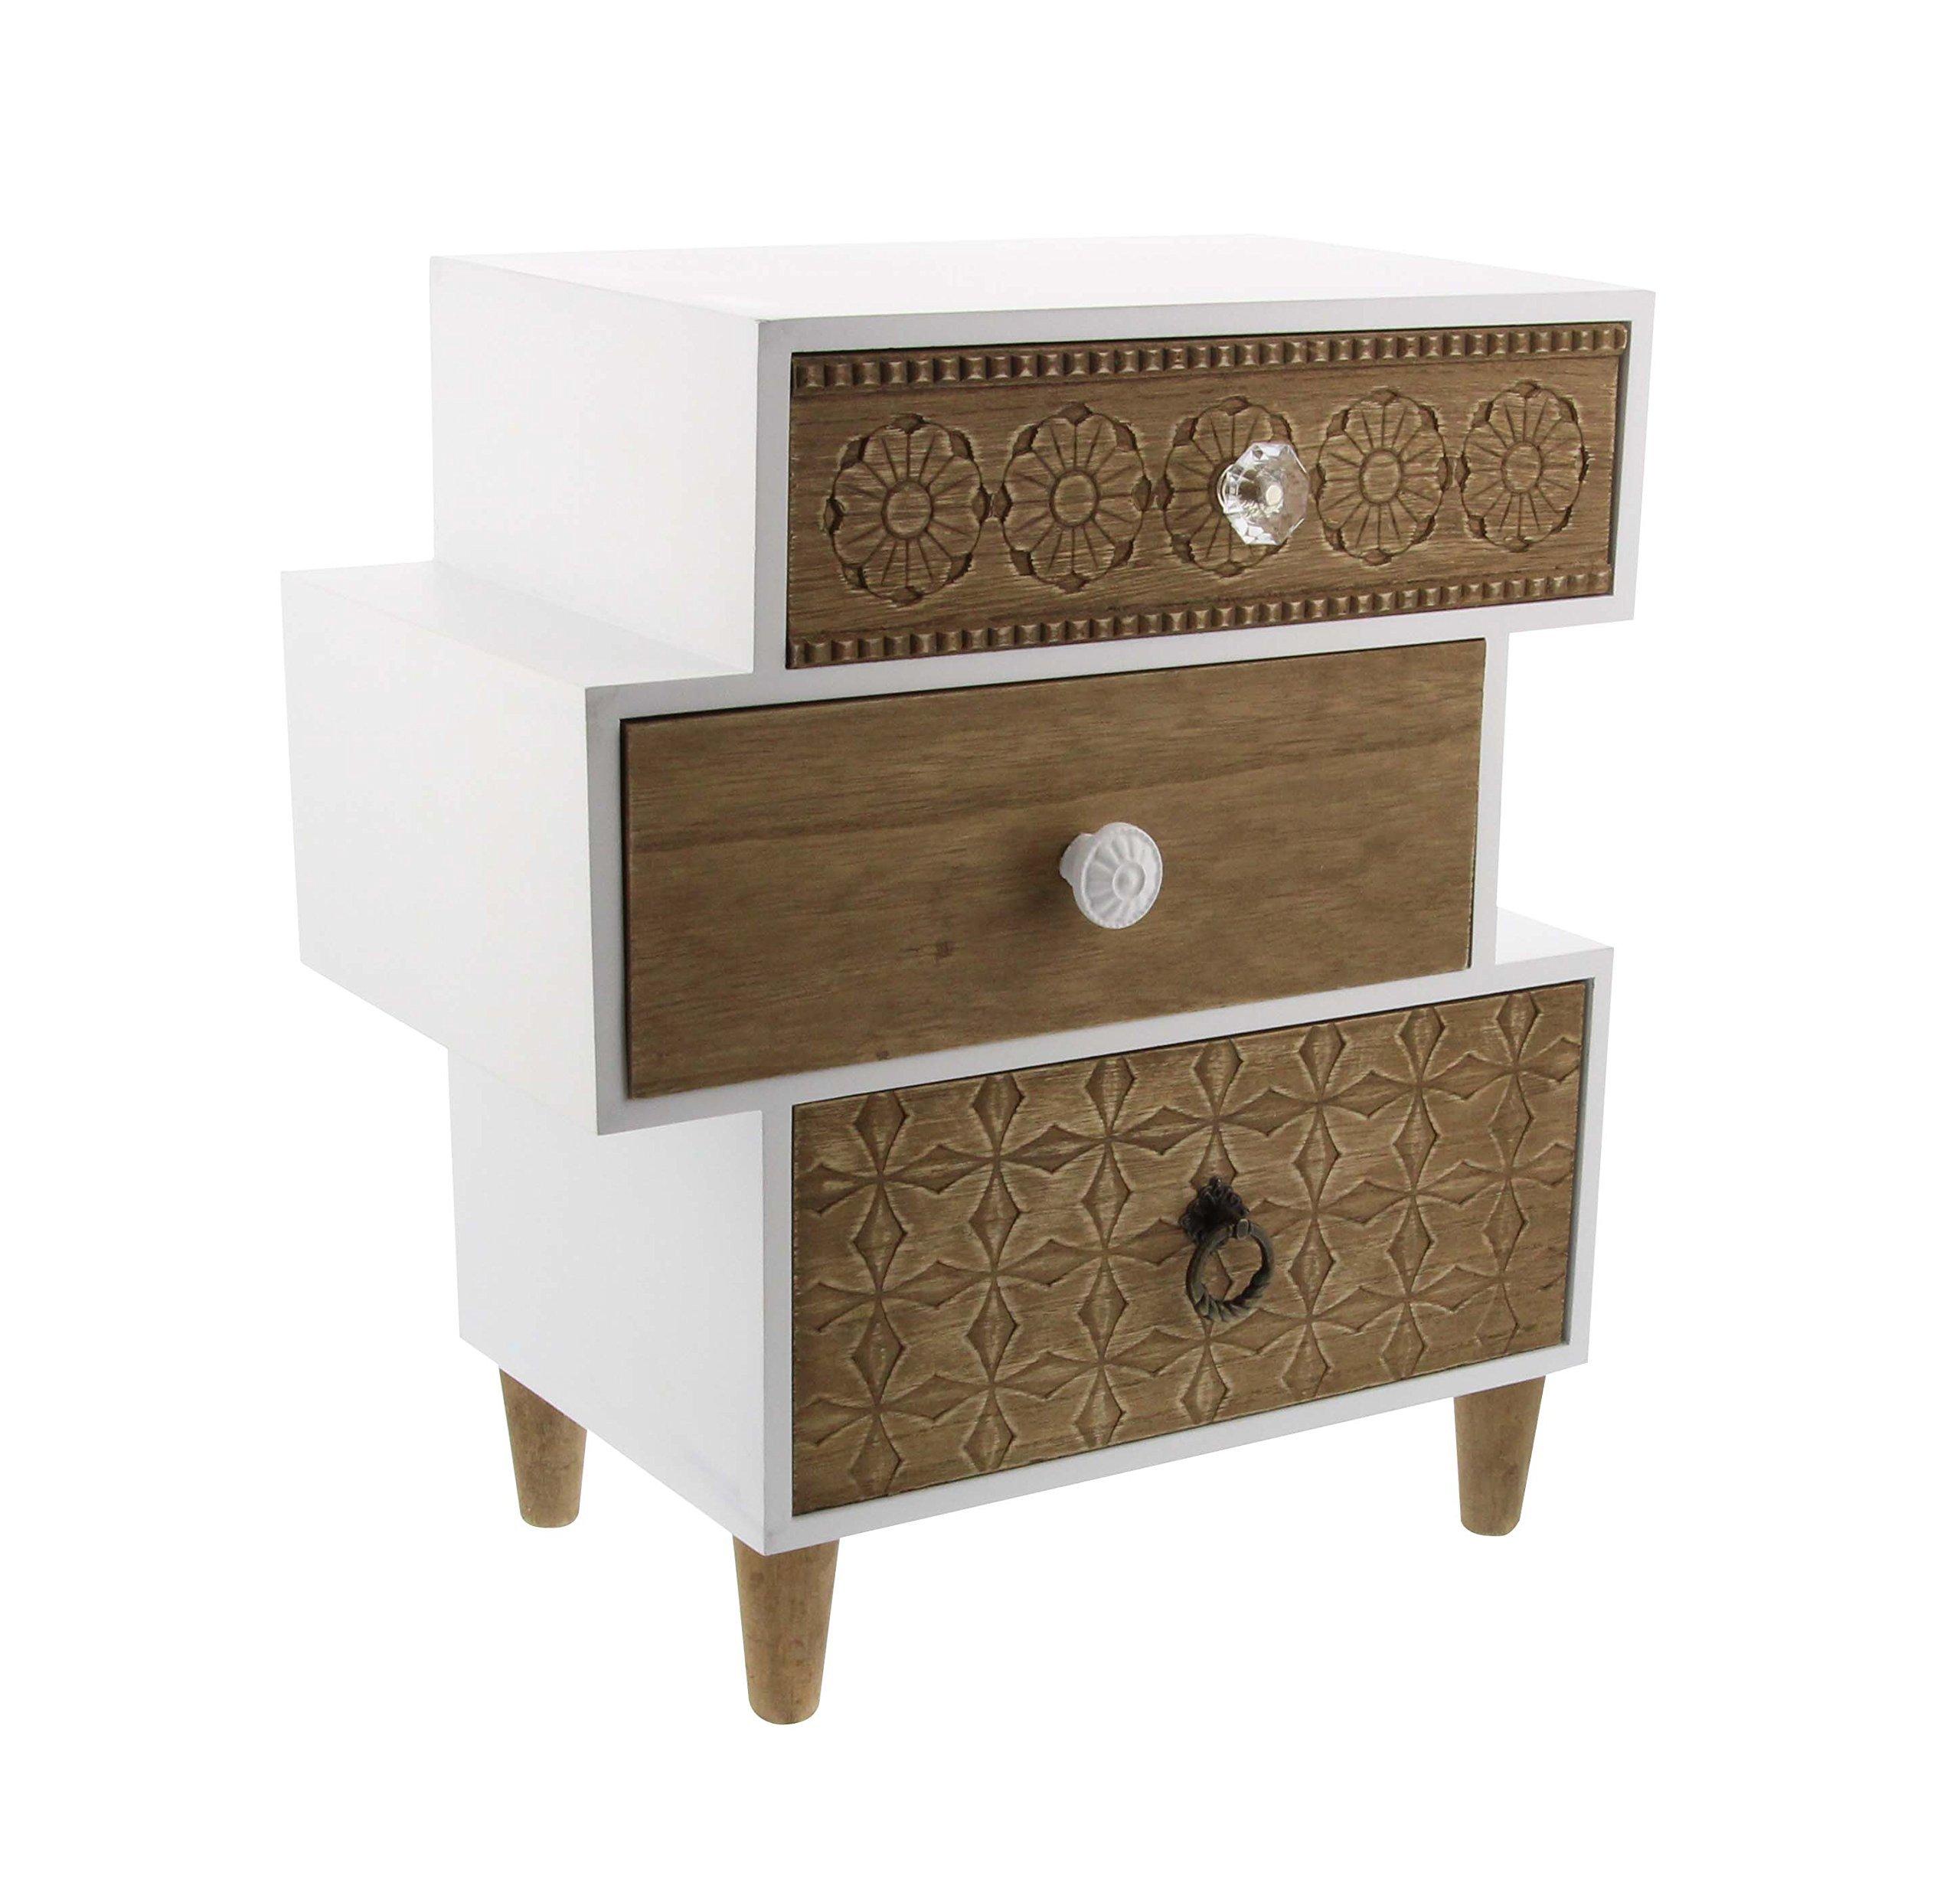 Deco 79 85263 Wooden Lattice Jewelry Box, 16'' x 14'', White/Brown/Clear